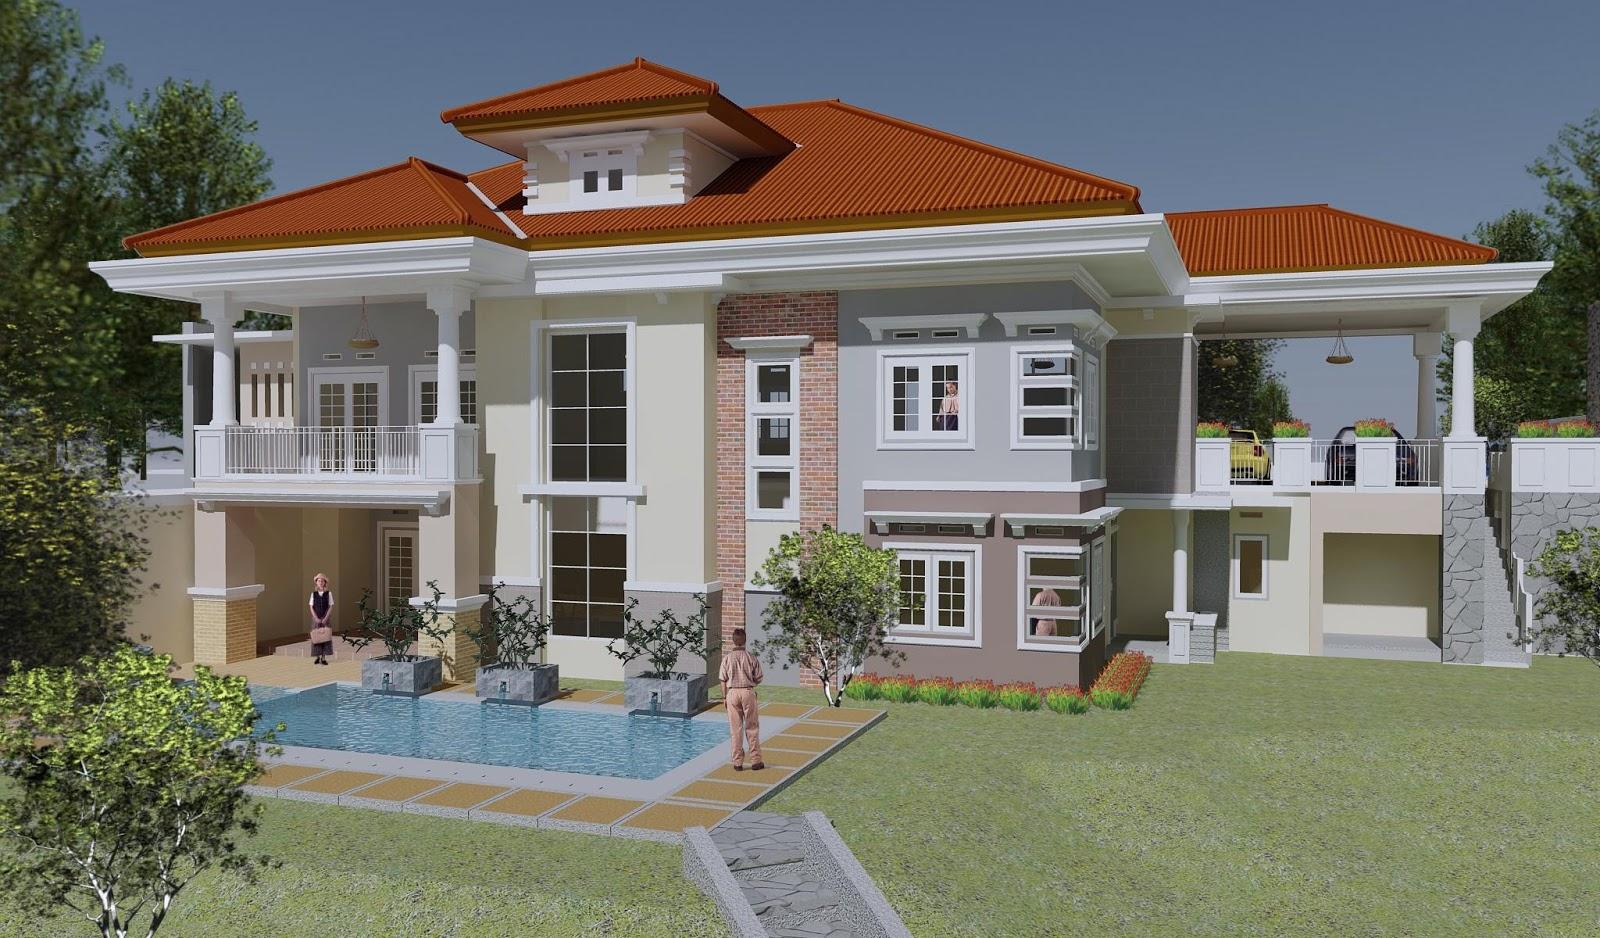 desain rumah kecil tapi keren - desain rumin